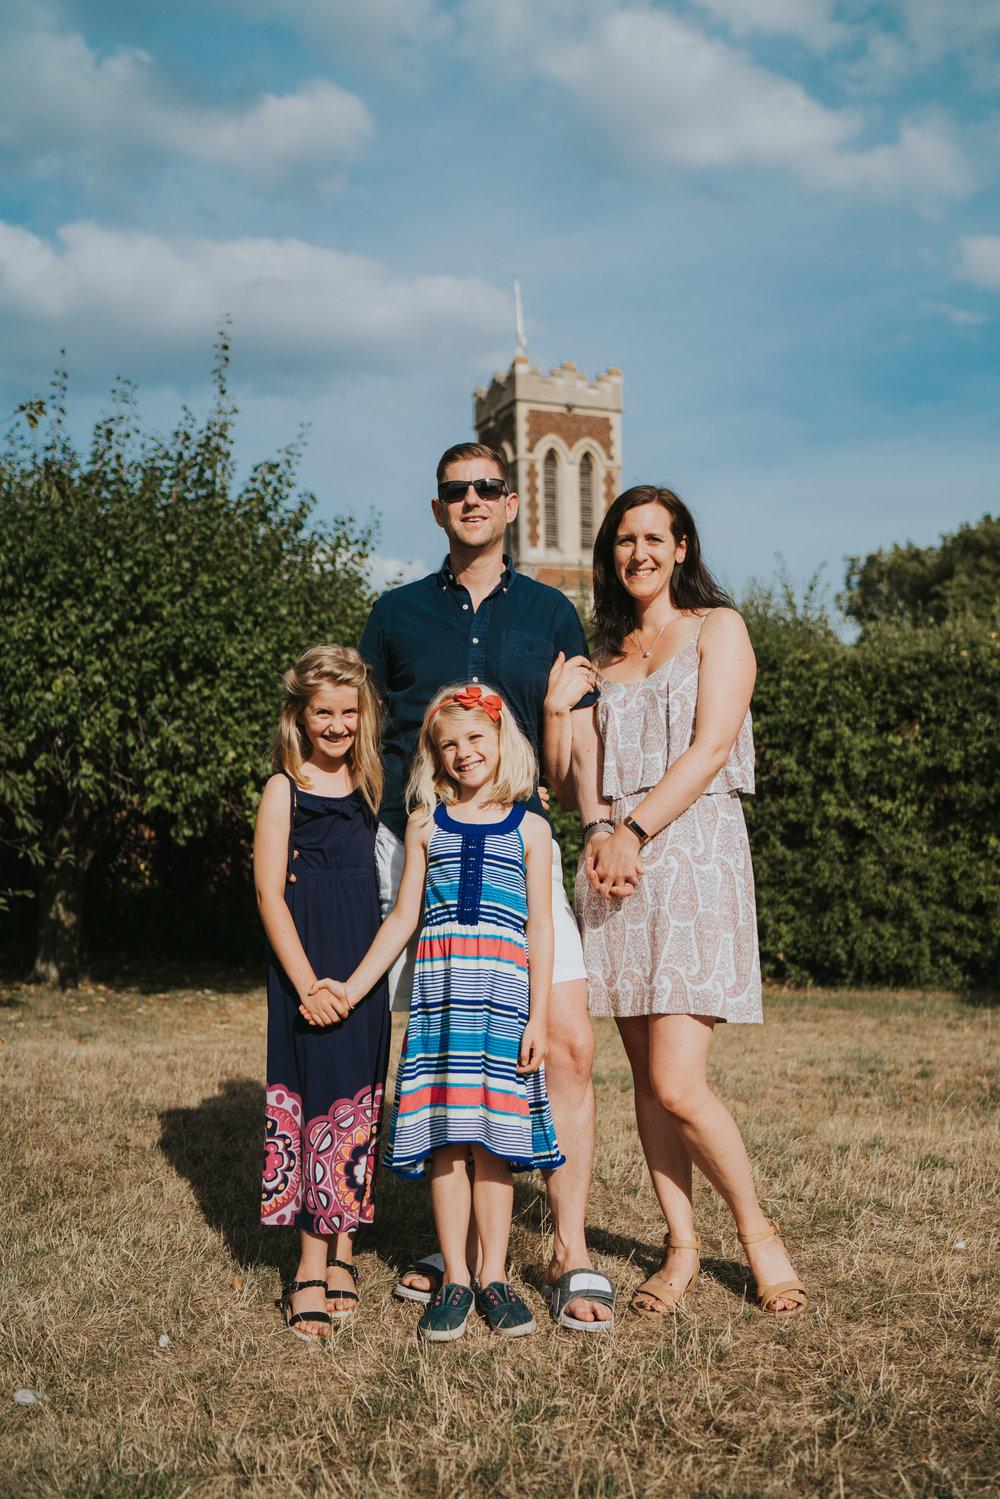 Grace-Elizabeth-Extended-Family-Session-Essex-Lifestyle-Shoot-Essex-Alternative-Wedding-Photographer-Colchester-Essex-Suffolk-Devon-Norfolk (8 of 47).jpg